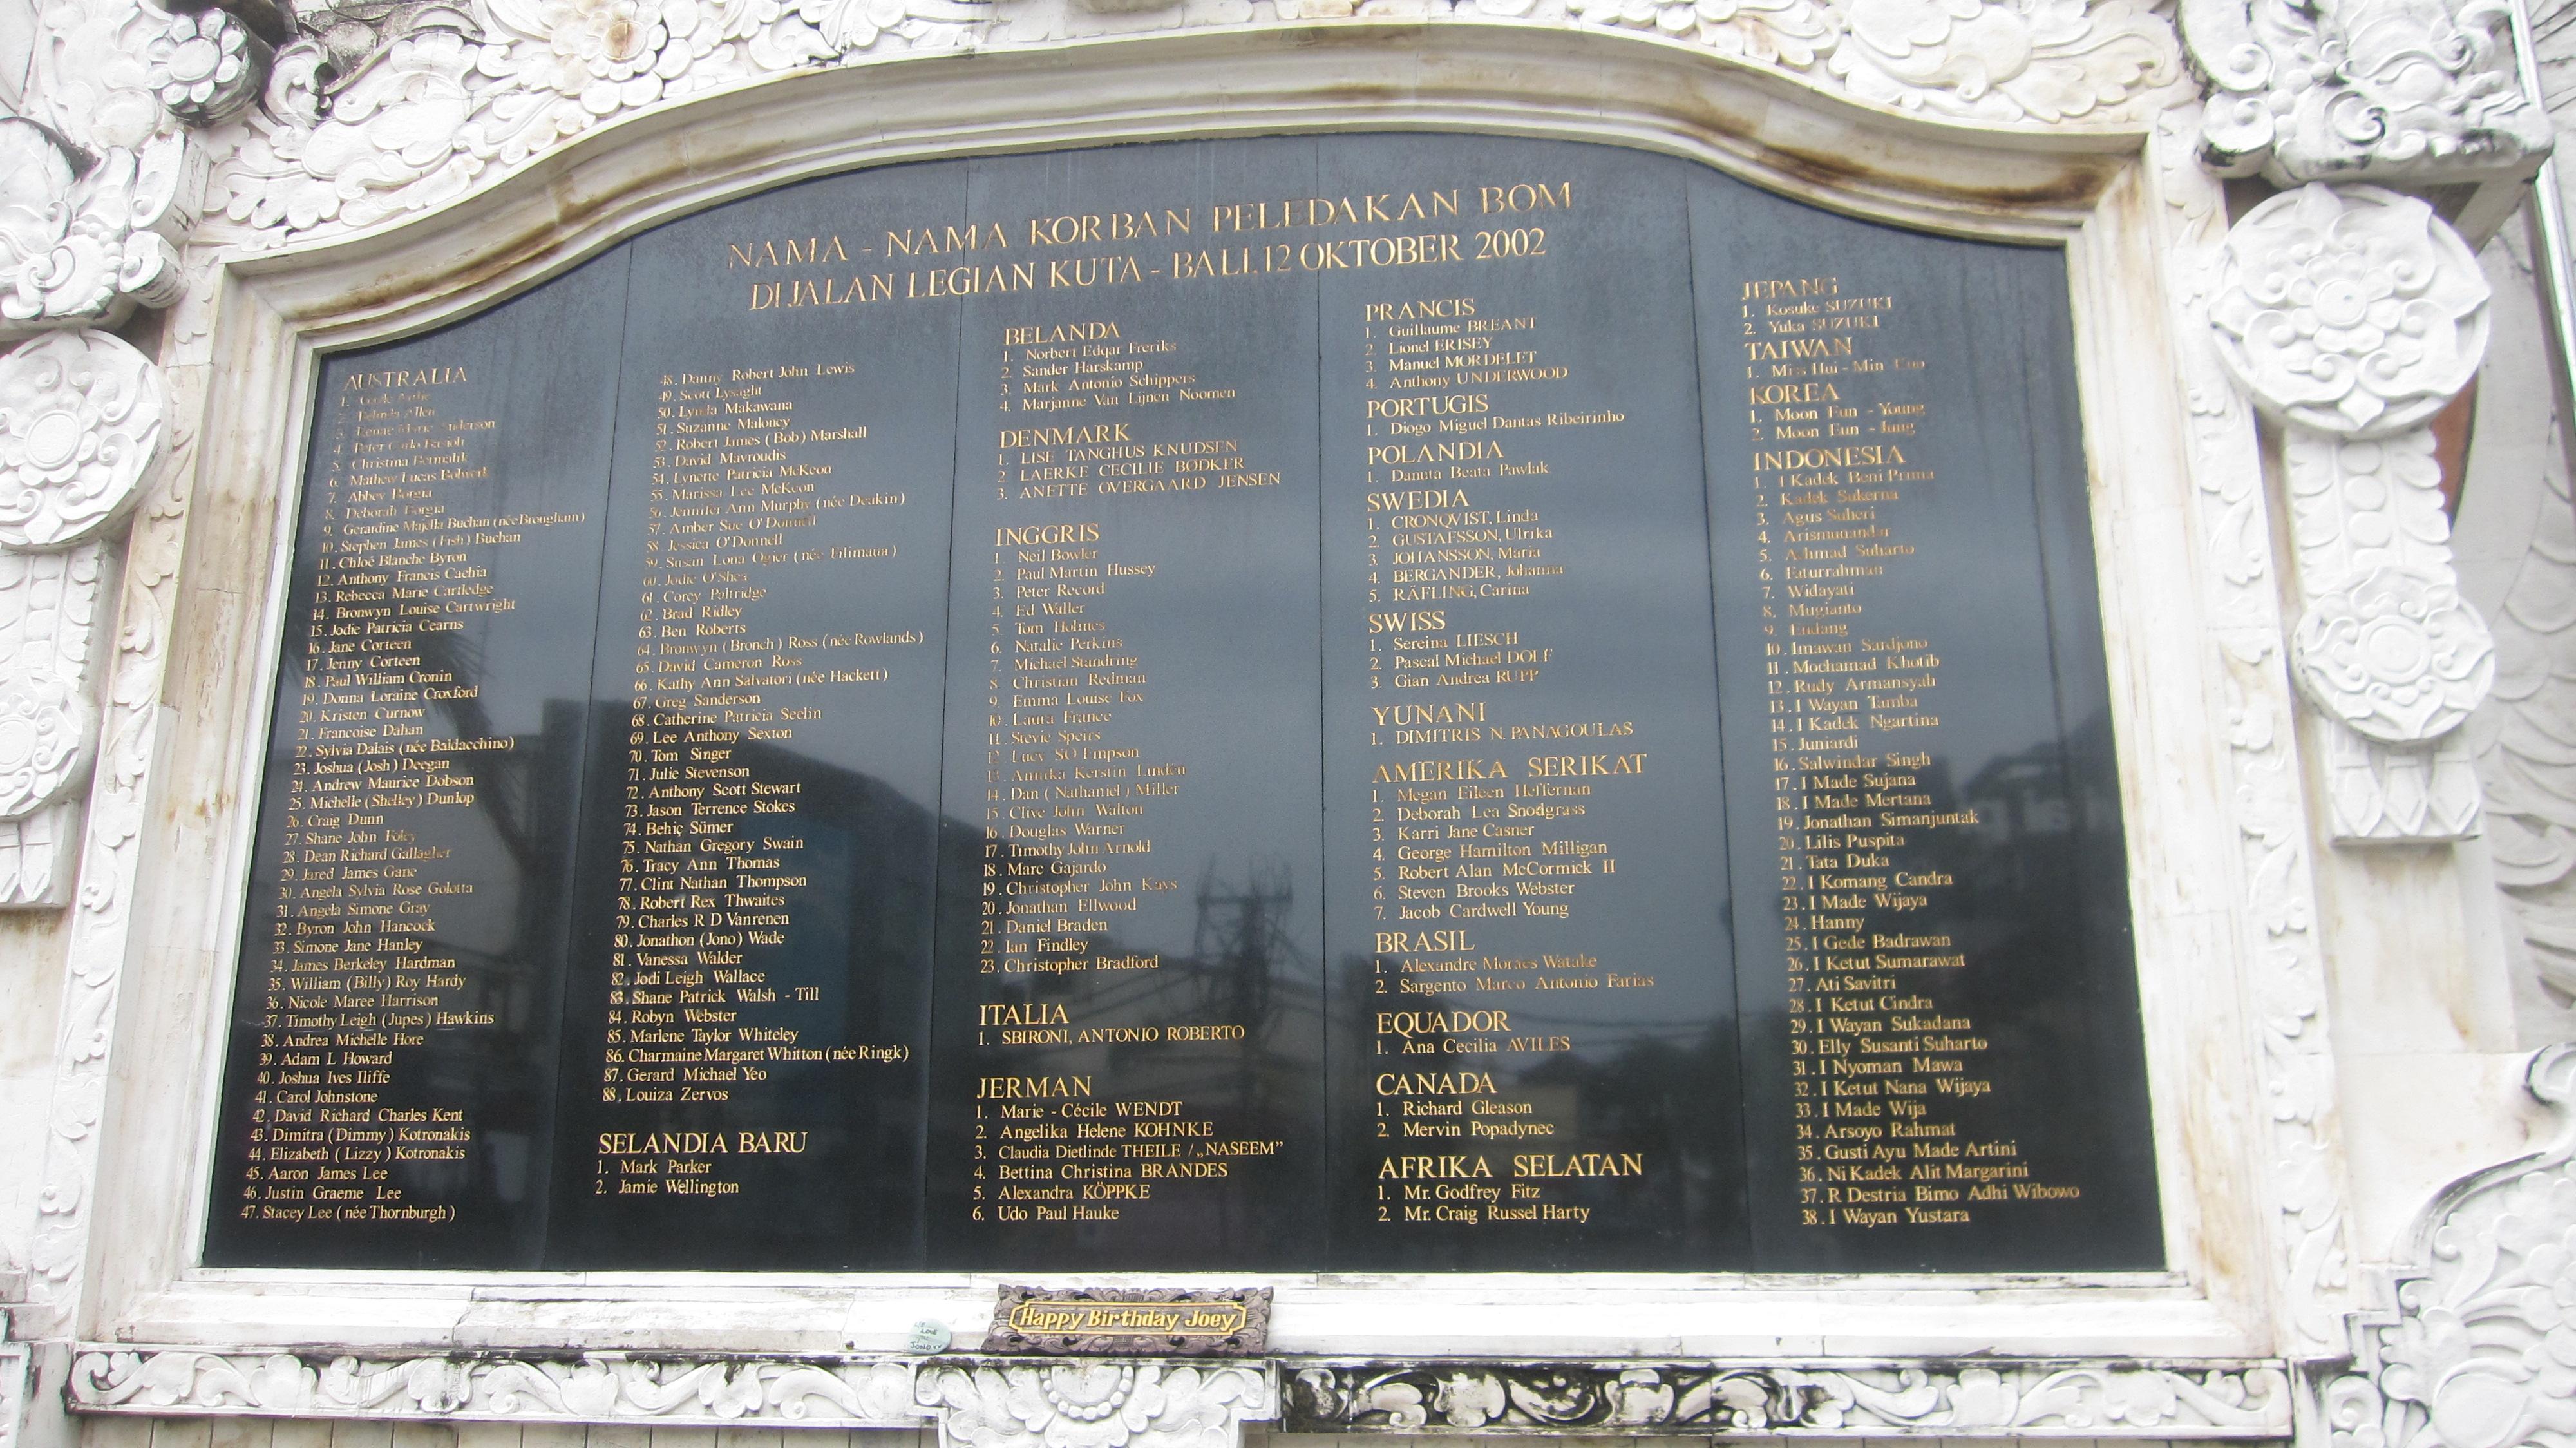 Die Gedenktafel mit den Namen der Opfer des Terroranschlages